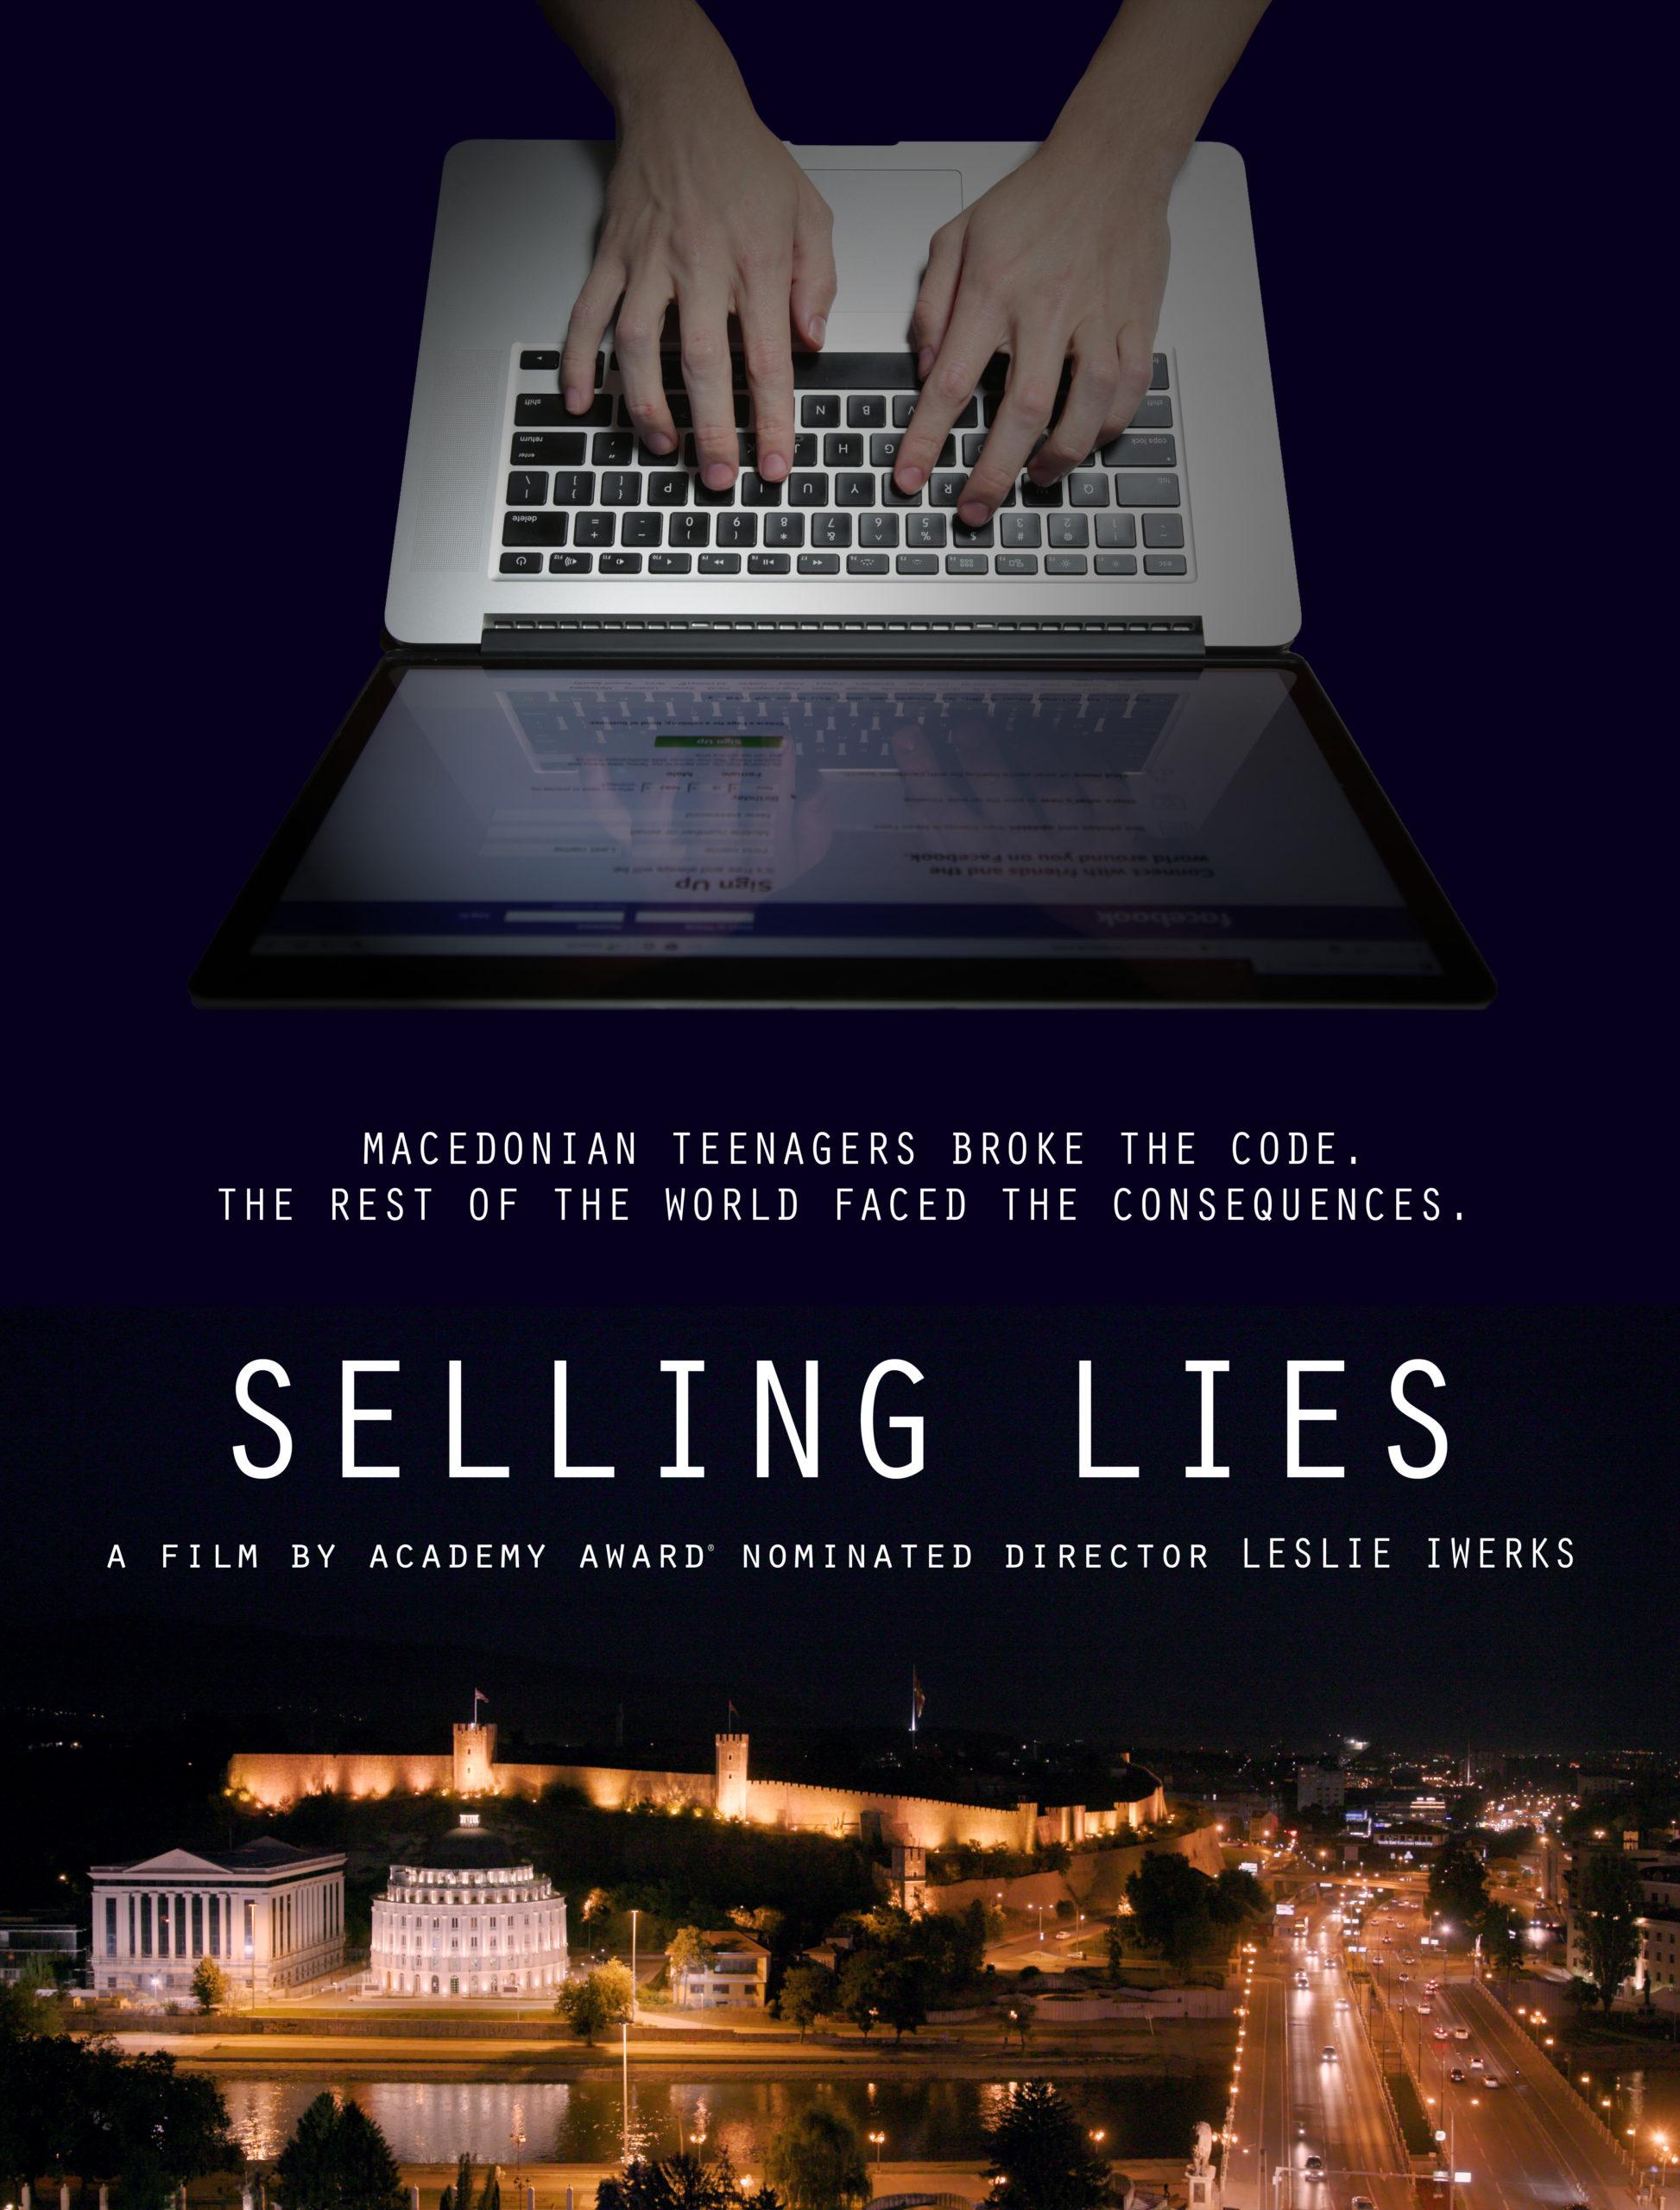 selling lies warner brothers